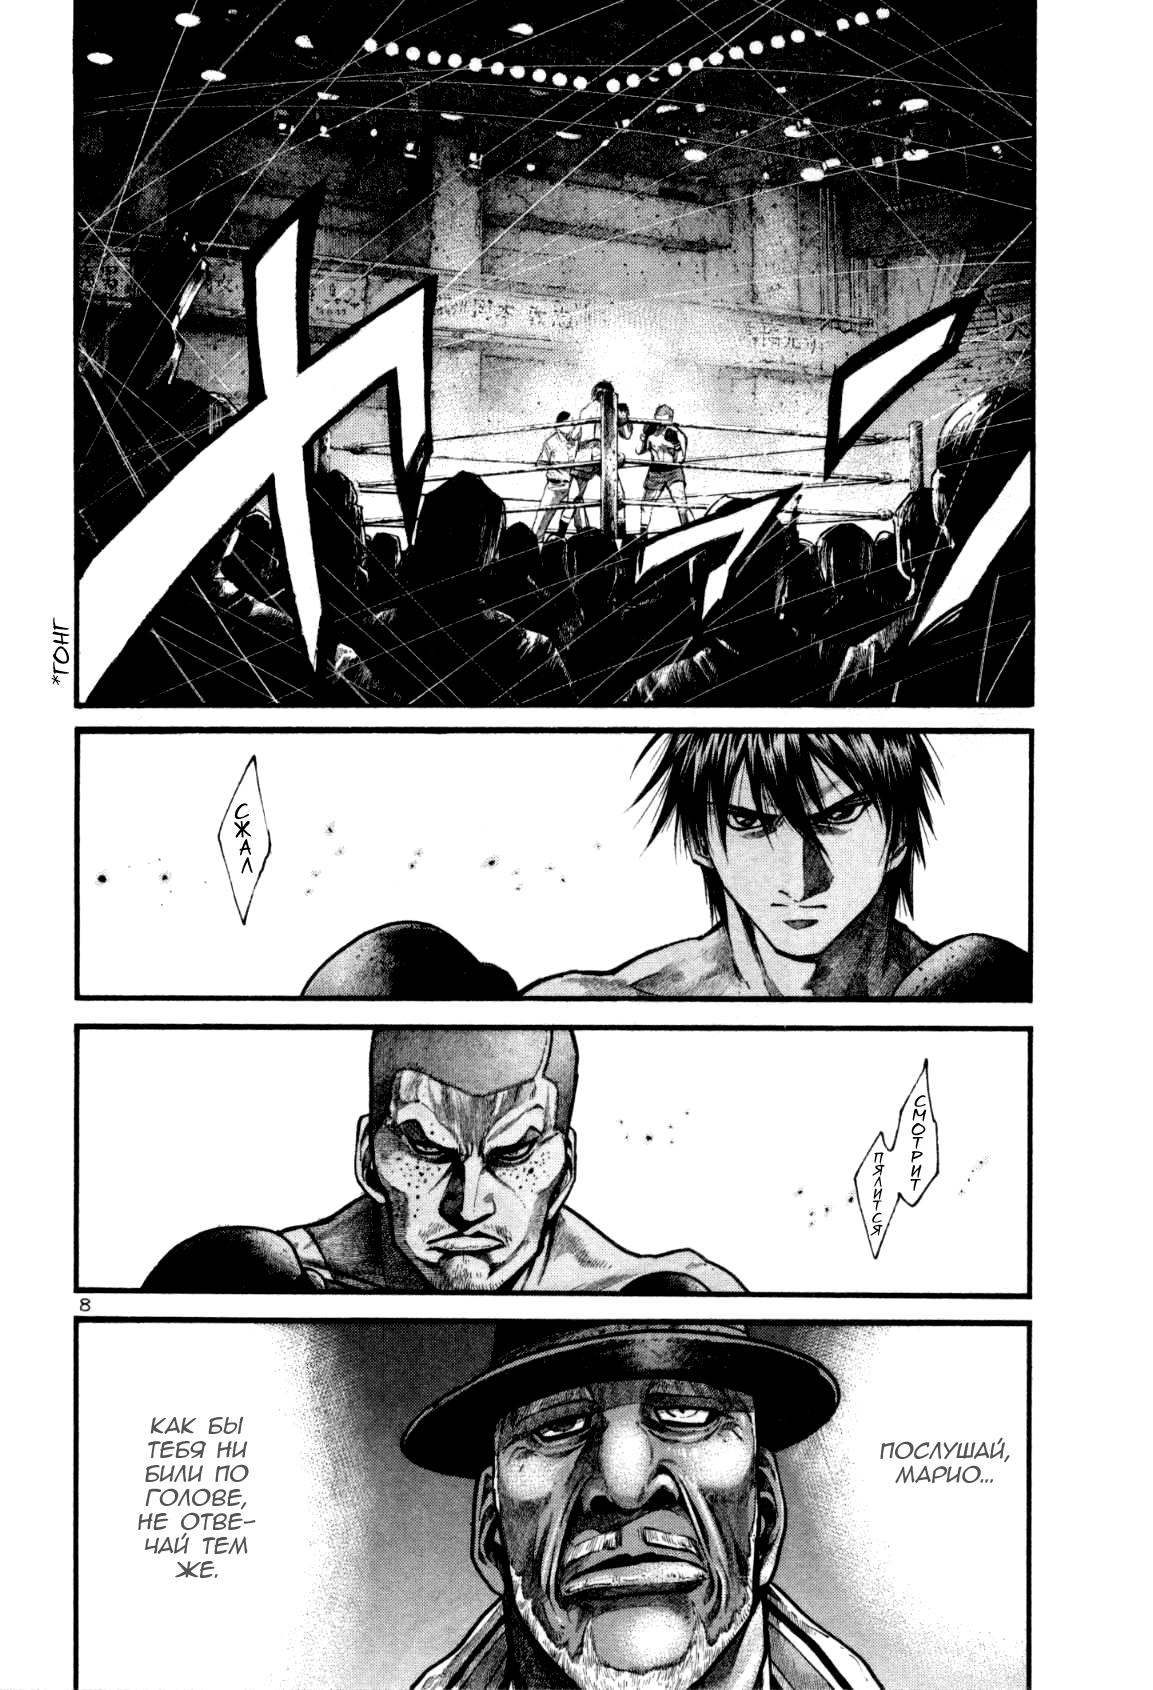 https://r2.ninemanga.com/comics/pic3/55/35447/1277601/1542453877617.png Page 23